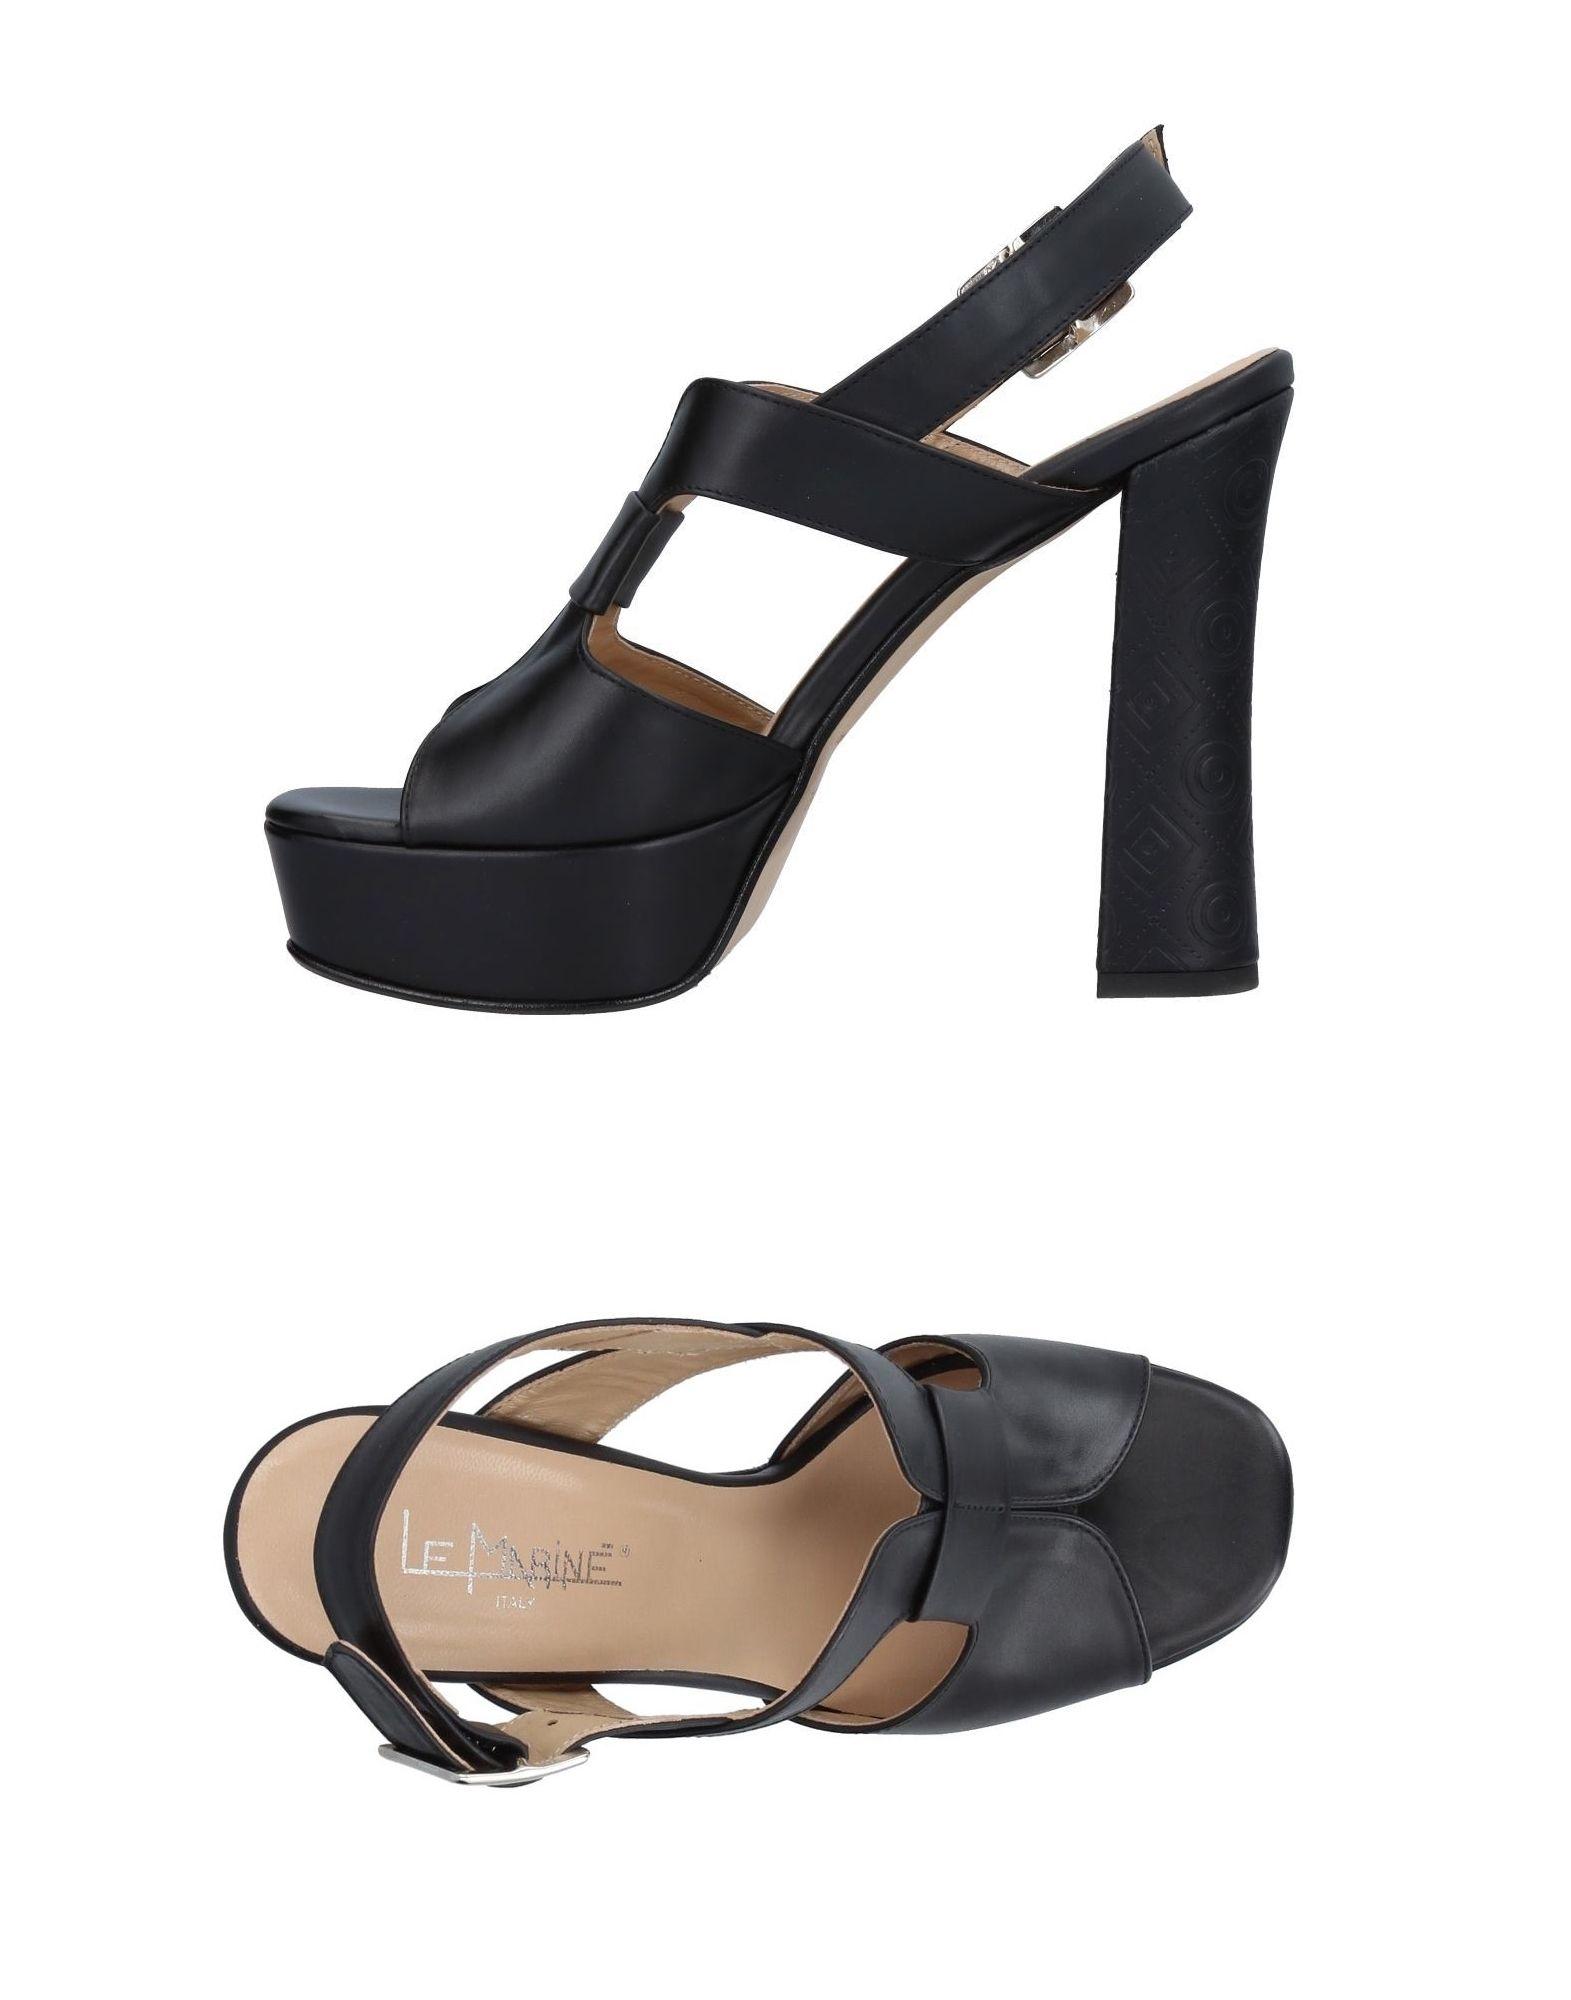 Le Marinē Sandalen Damen  11410189VT Gute Qualität beliebte Schuhe